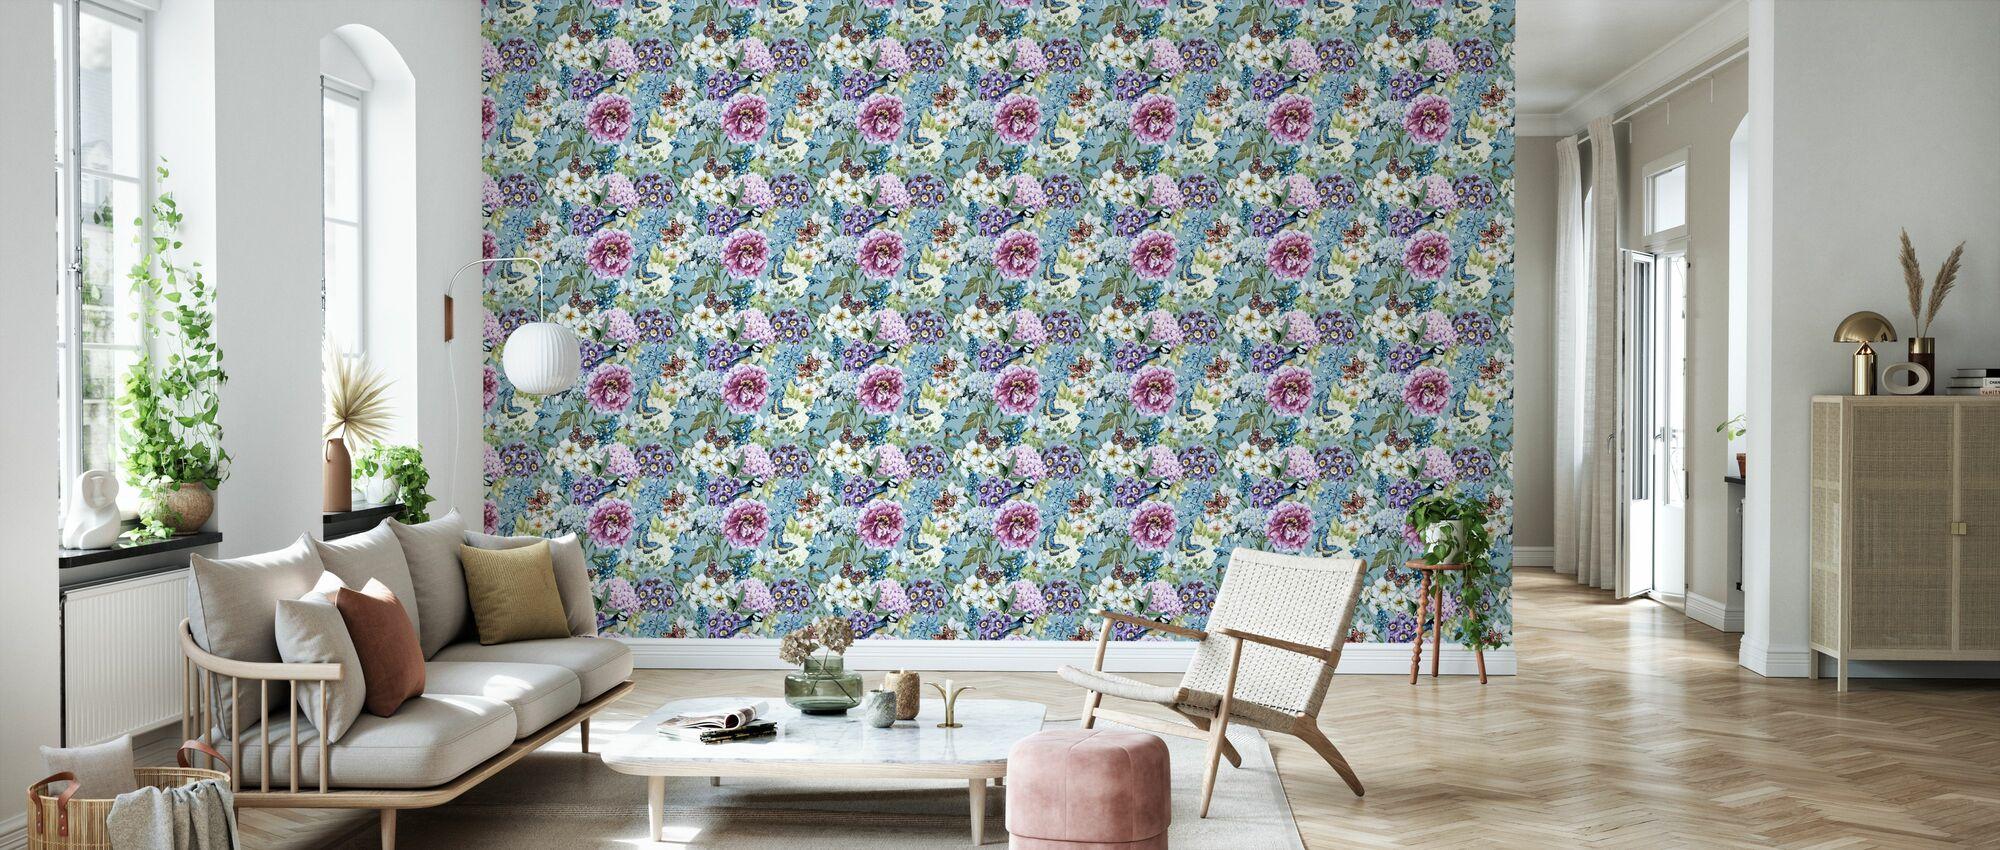 Vintage Floral Akvarel Mønster - Tapet - Stue